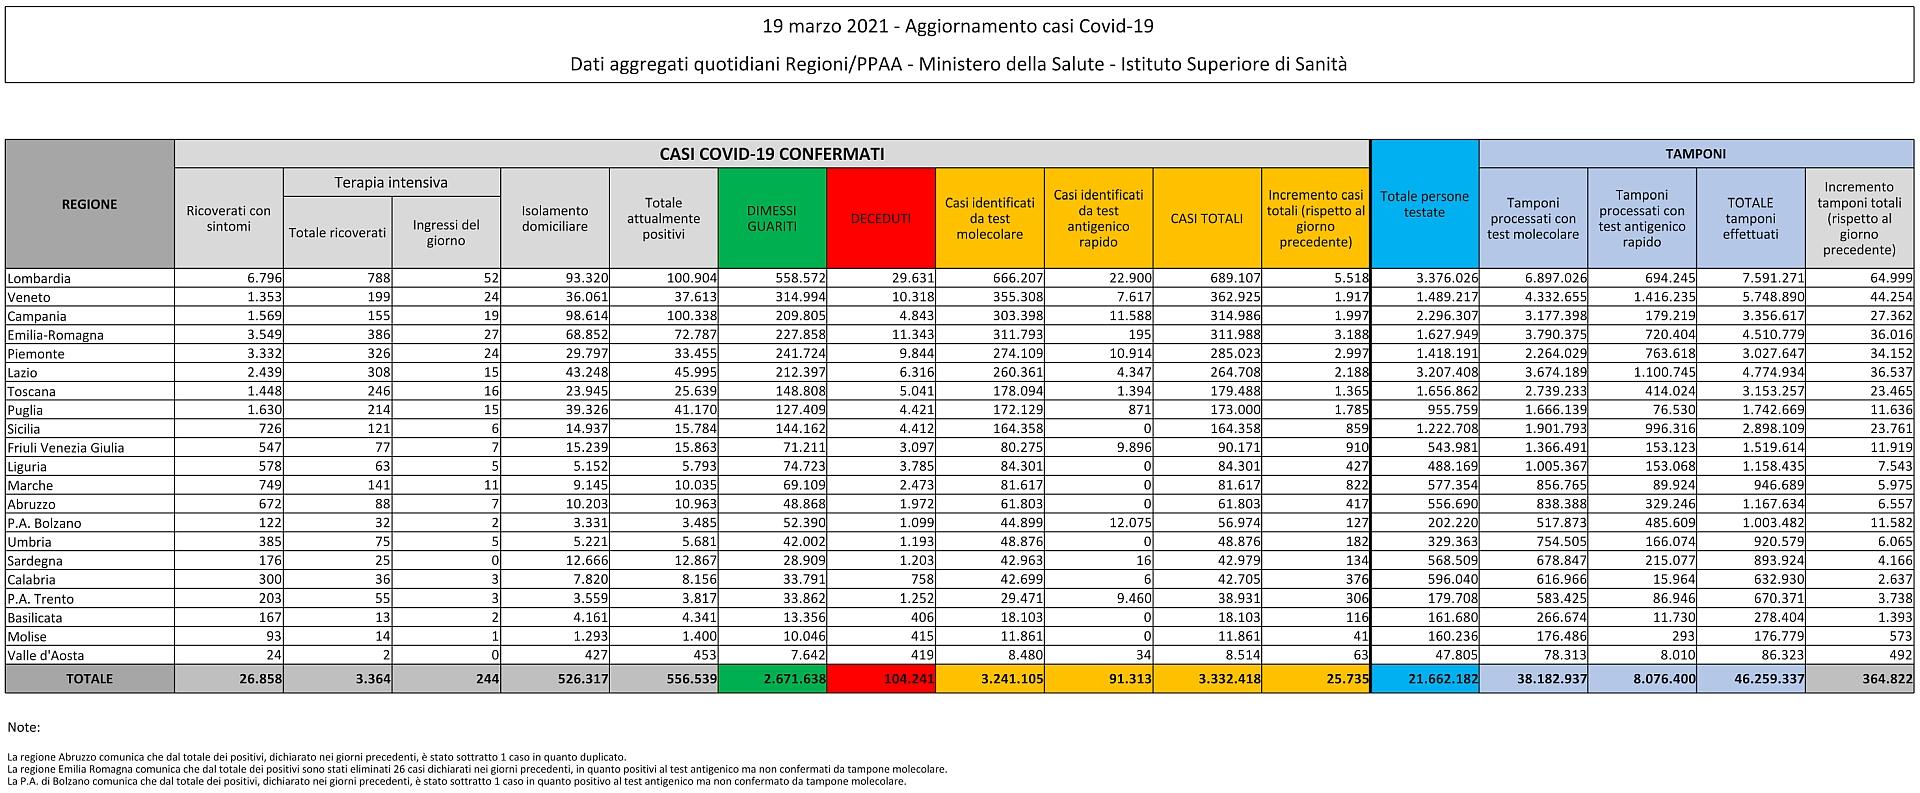 19 marzo 2021 - Aggiornamento casi Covid-19 Dati aggregati quotidiani Regioni/PPAA - Ministero della Salute - Istituto Superiore di Sanità